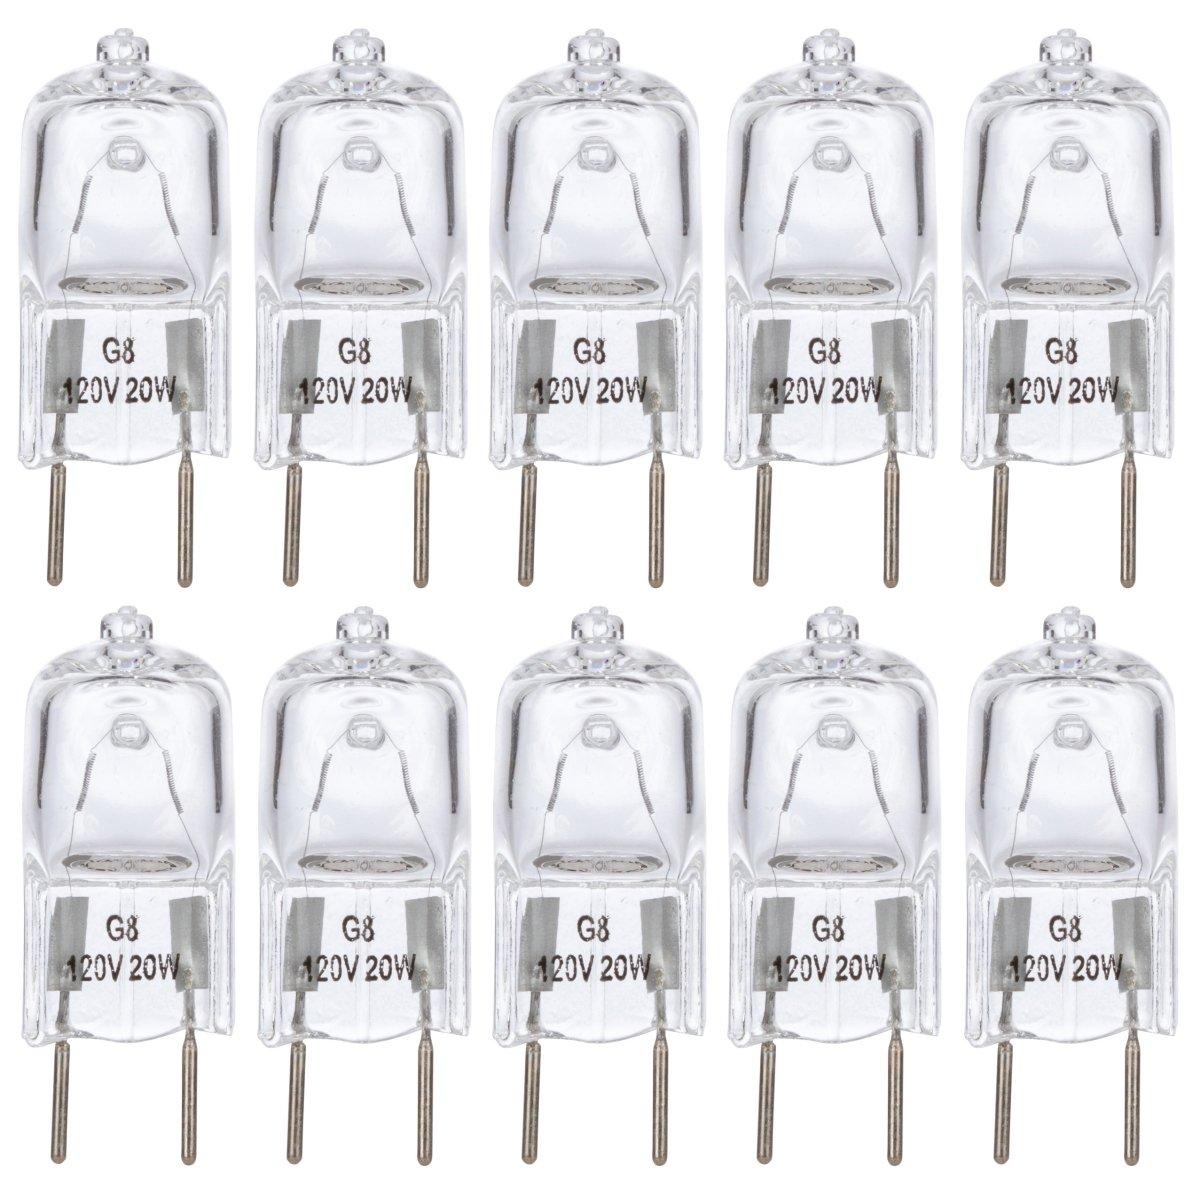 [10 Pack] Simba Lighting™ 20 Watt 120 Volt Halogen Light Bulbs G8 Base Bi-Pin Shorter 1-3/8'' (1.38'') Length 120V 20W T4 JCD Lamp Soft White